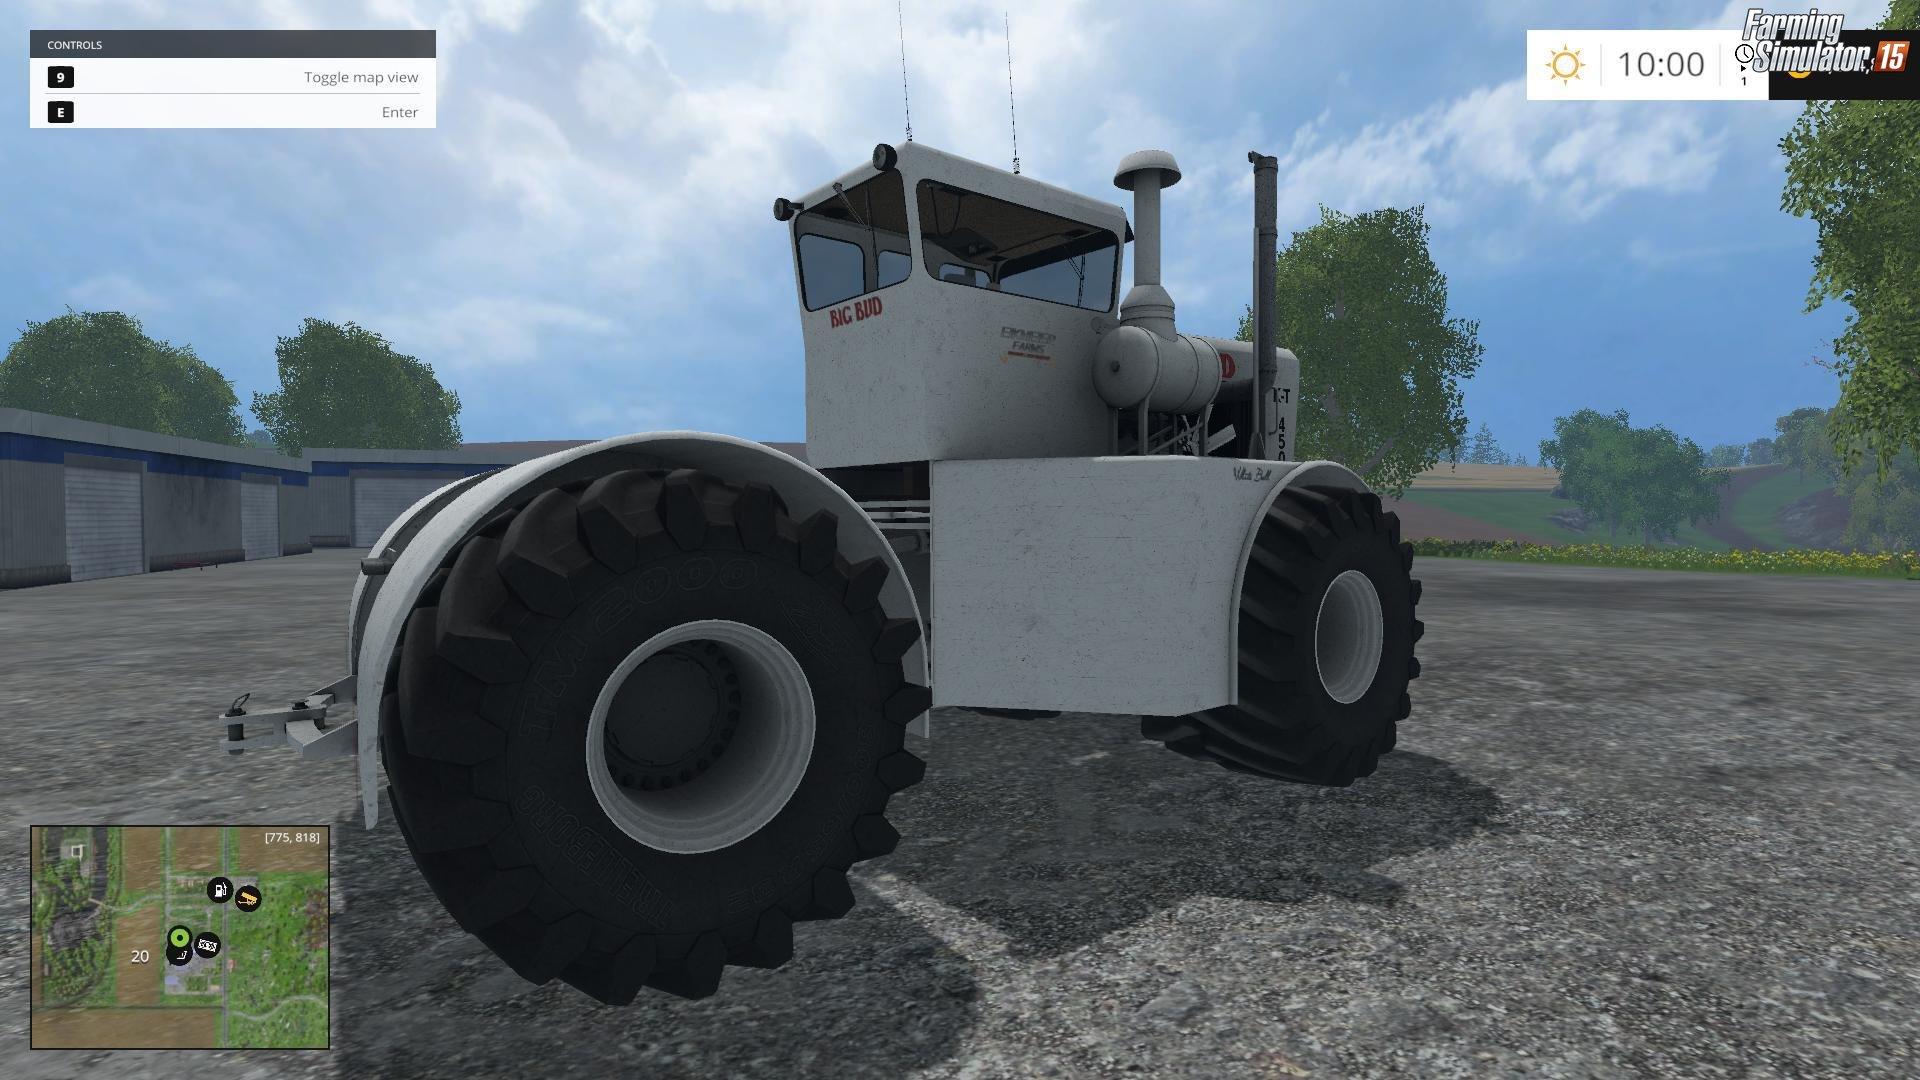 Tractor Big Bud KT 450 v2.0 for FS 15 » Download FS 15 Mods for free!